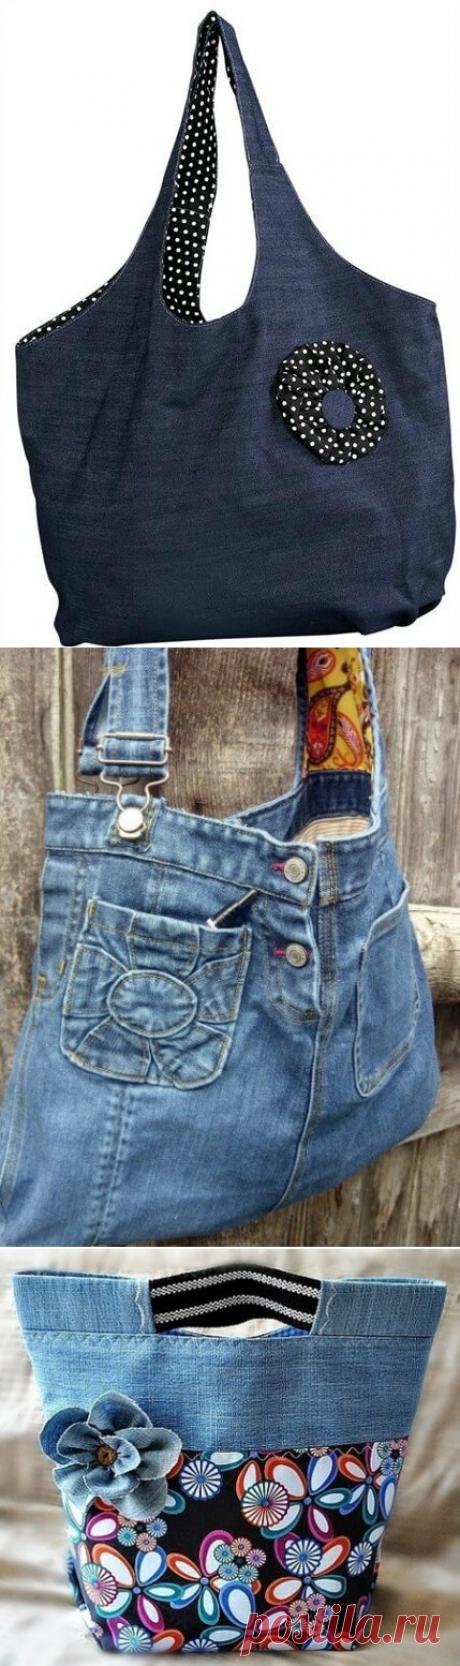 Сумки из старых джинсов. 122 идеи для вдохновения!   Страница 4 из 7   В темпі життя